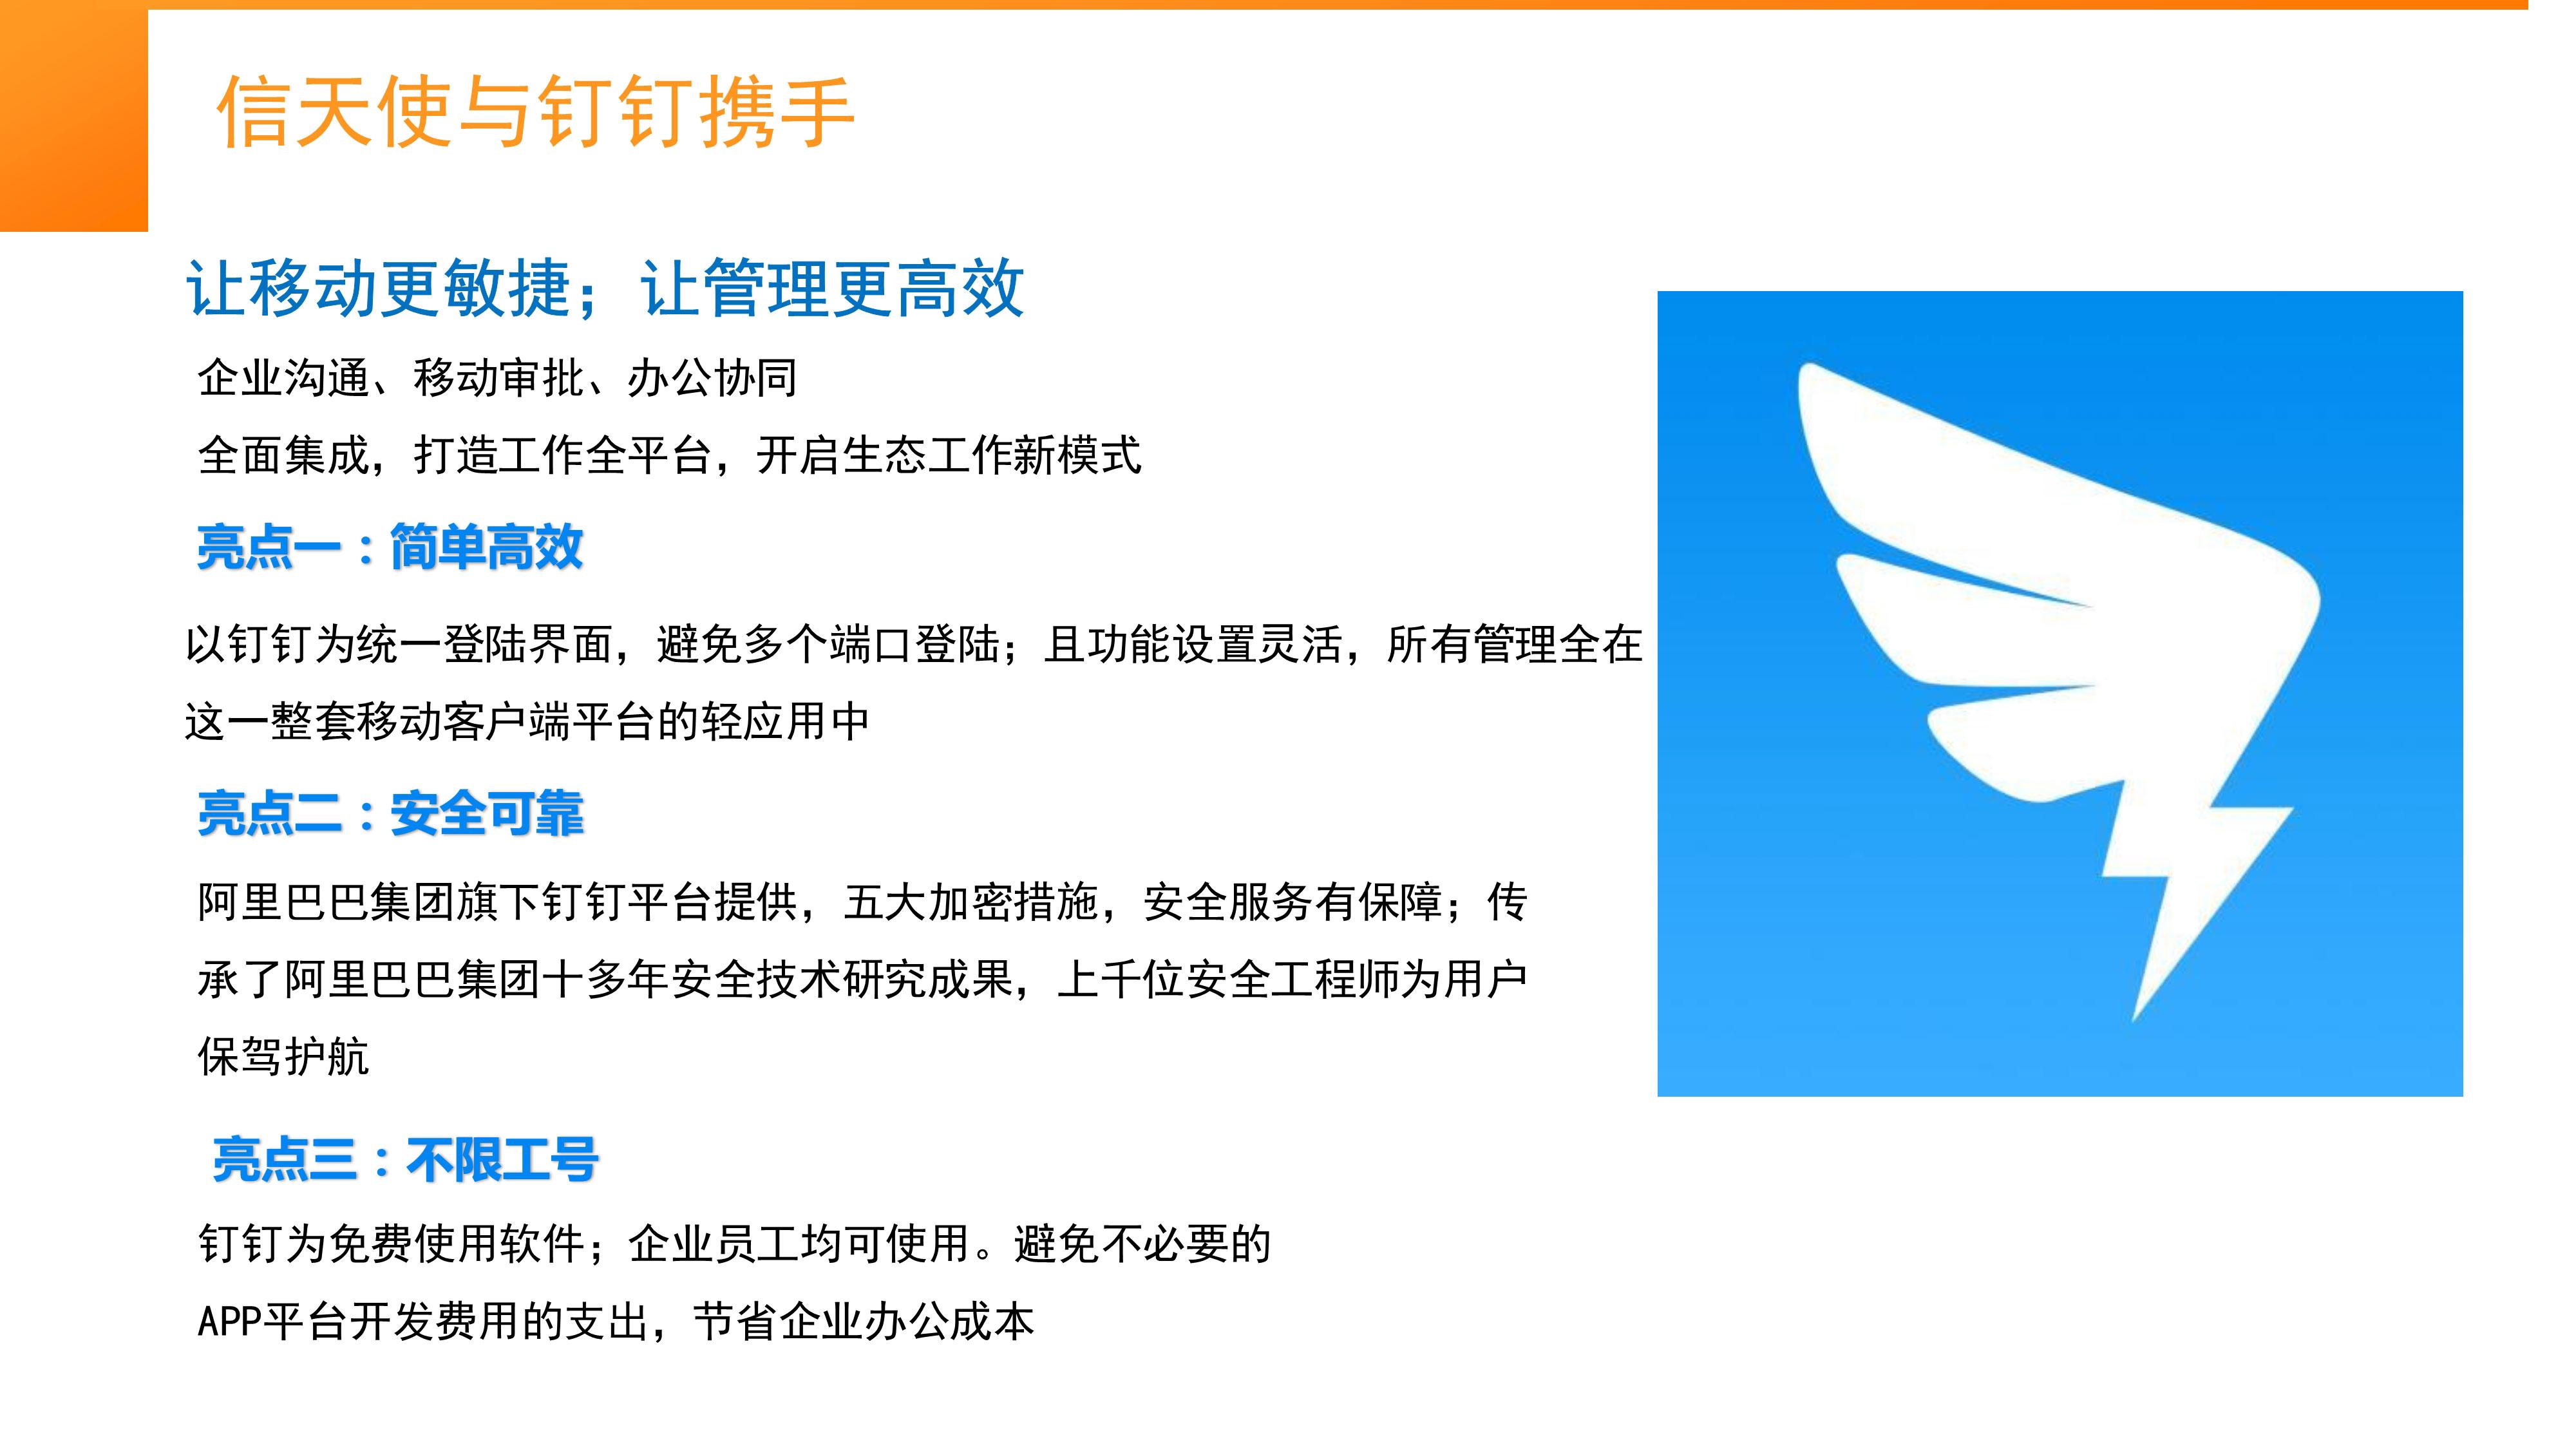 013011343503_0信天使综合信息管理系统旗舰版_11.jpg